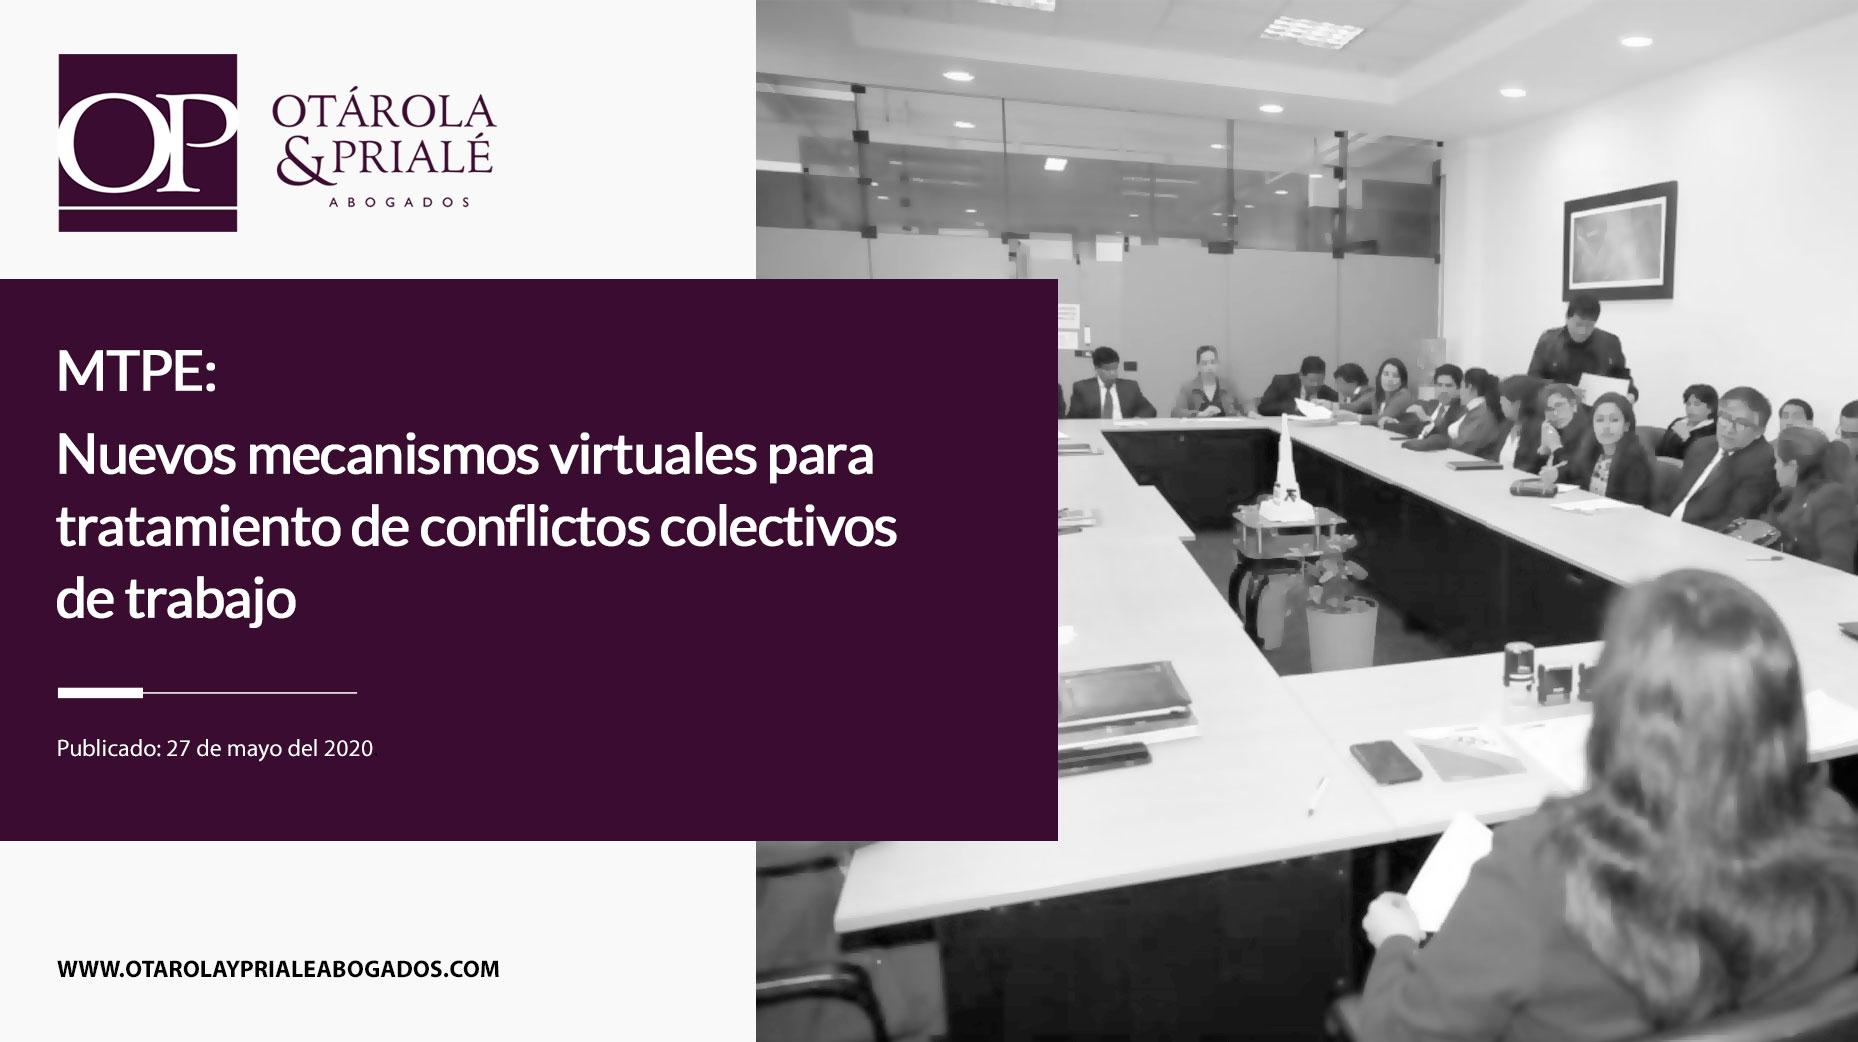 MTPE: Nuevos mecanismos virtuales para tratamiento de conflictos colectivos de trabajo